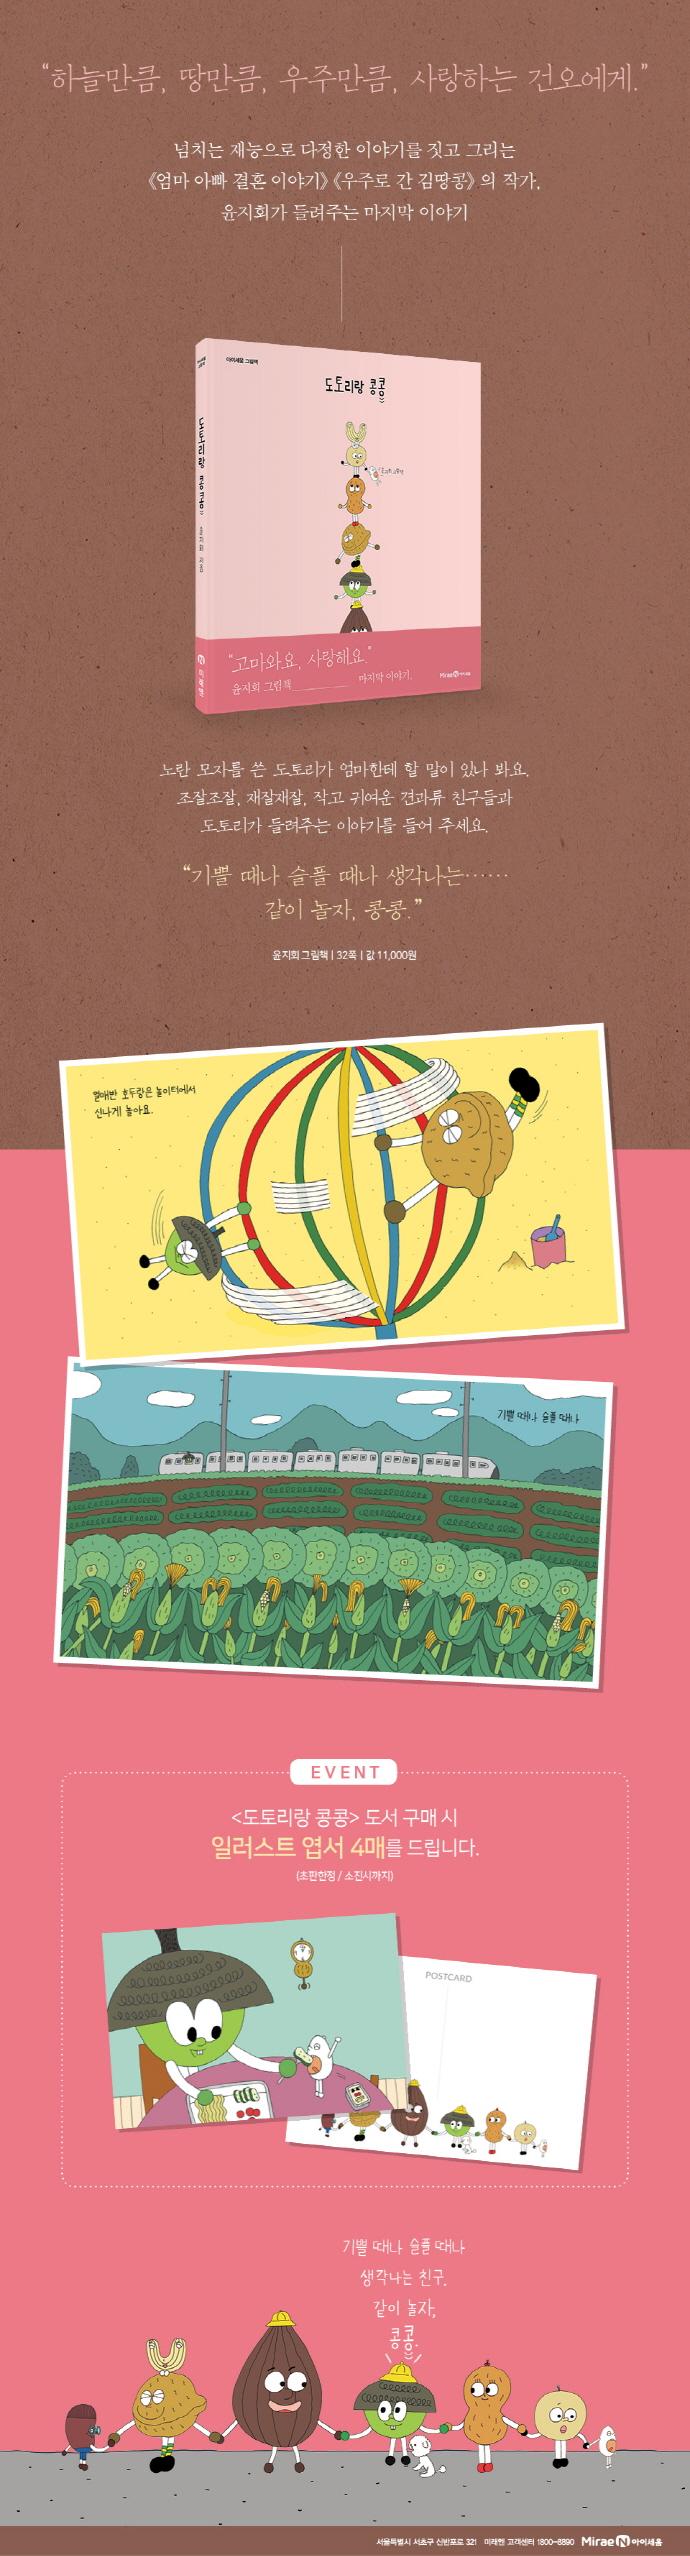 도토리랑 콩콩(아이세움 그림책)(양장본 HardCover) 도서 상세이미지